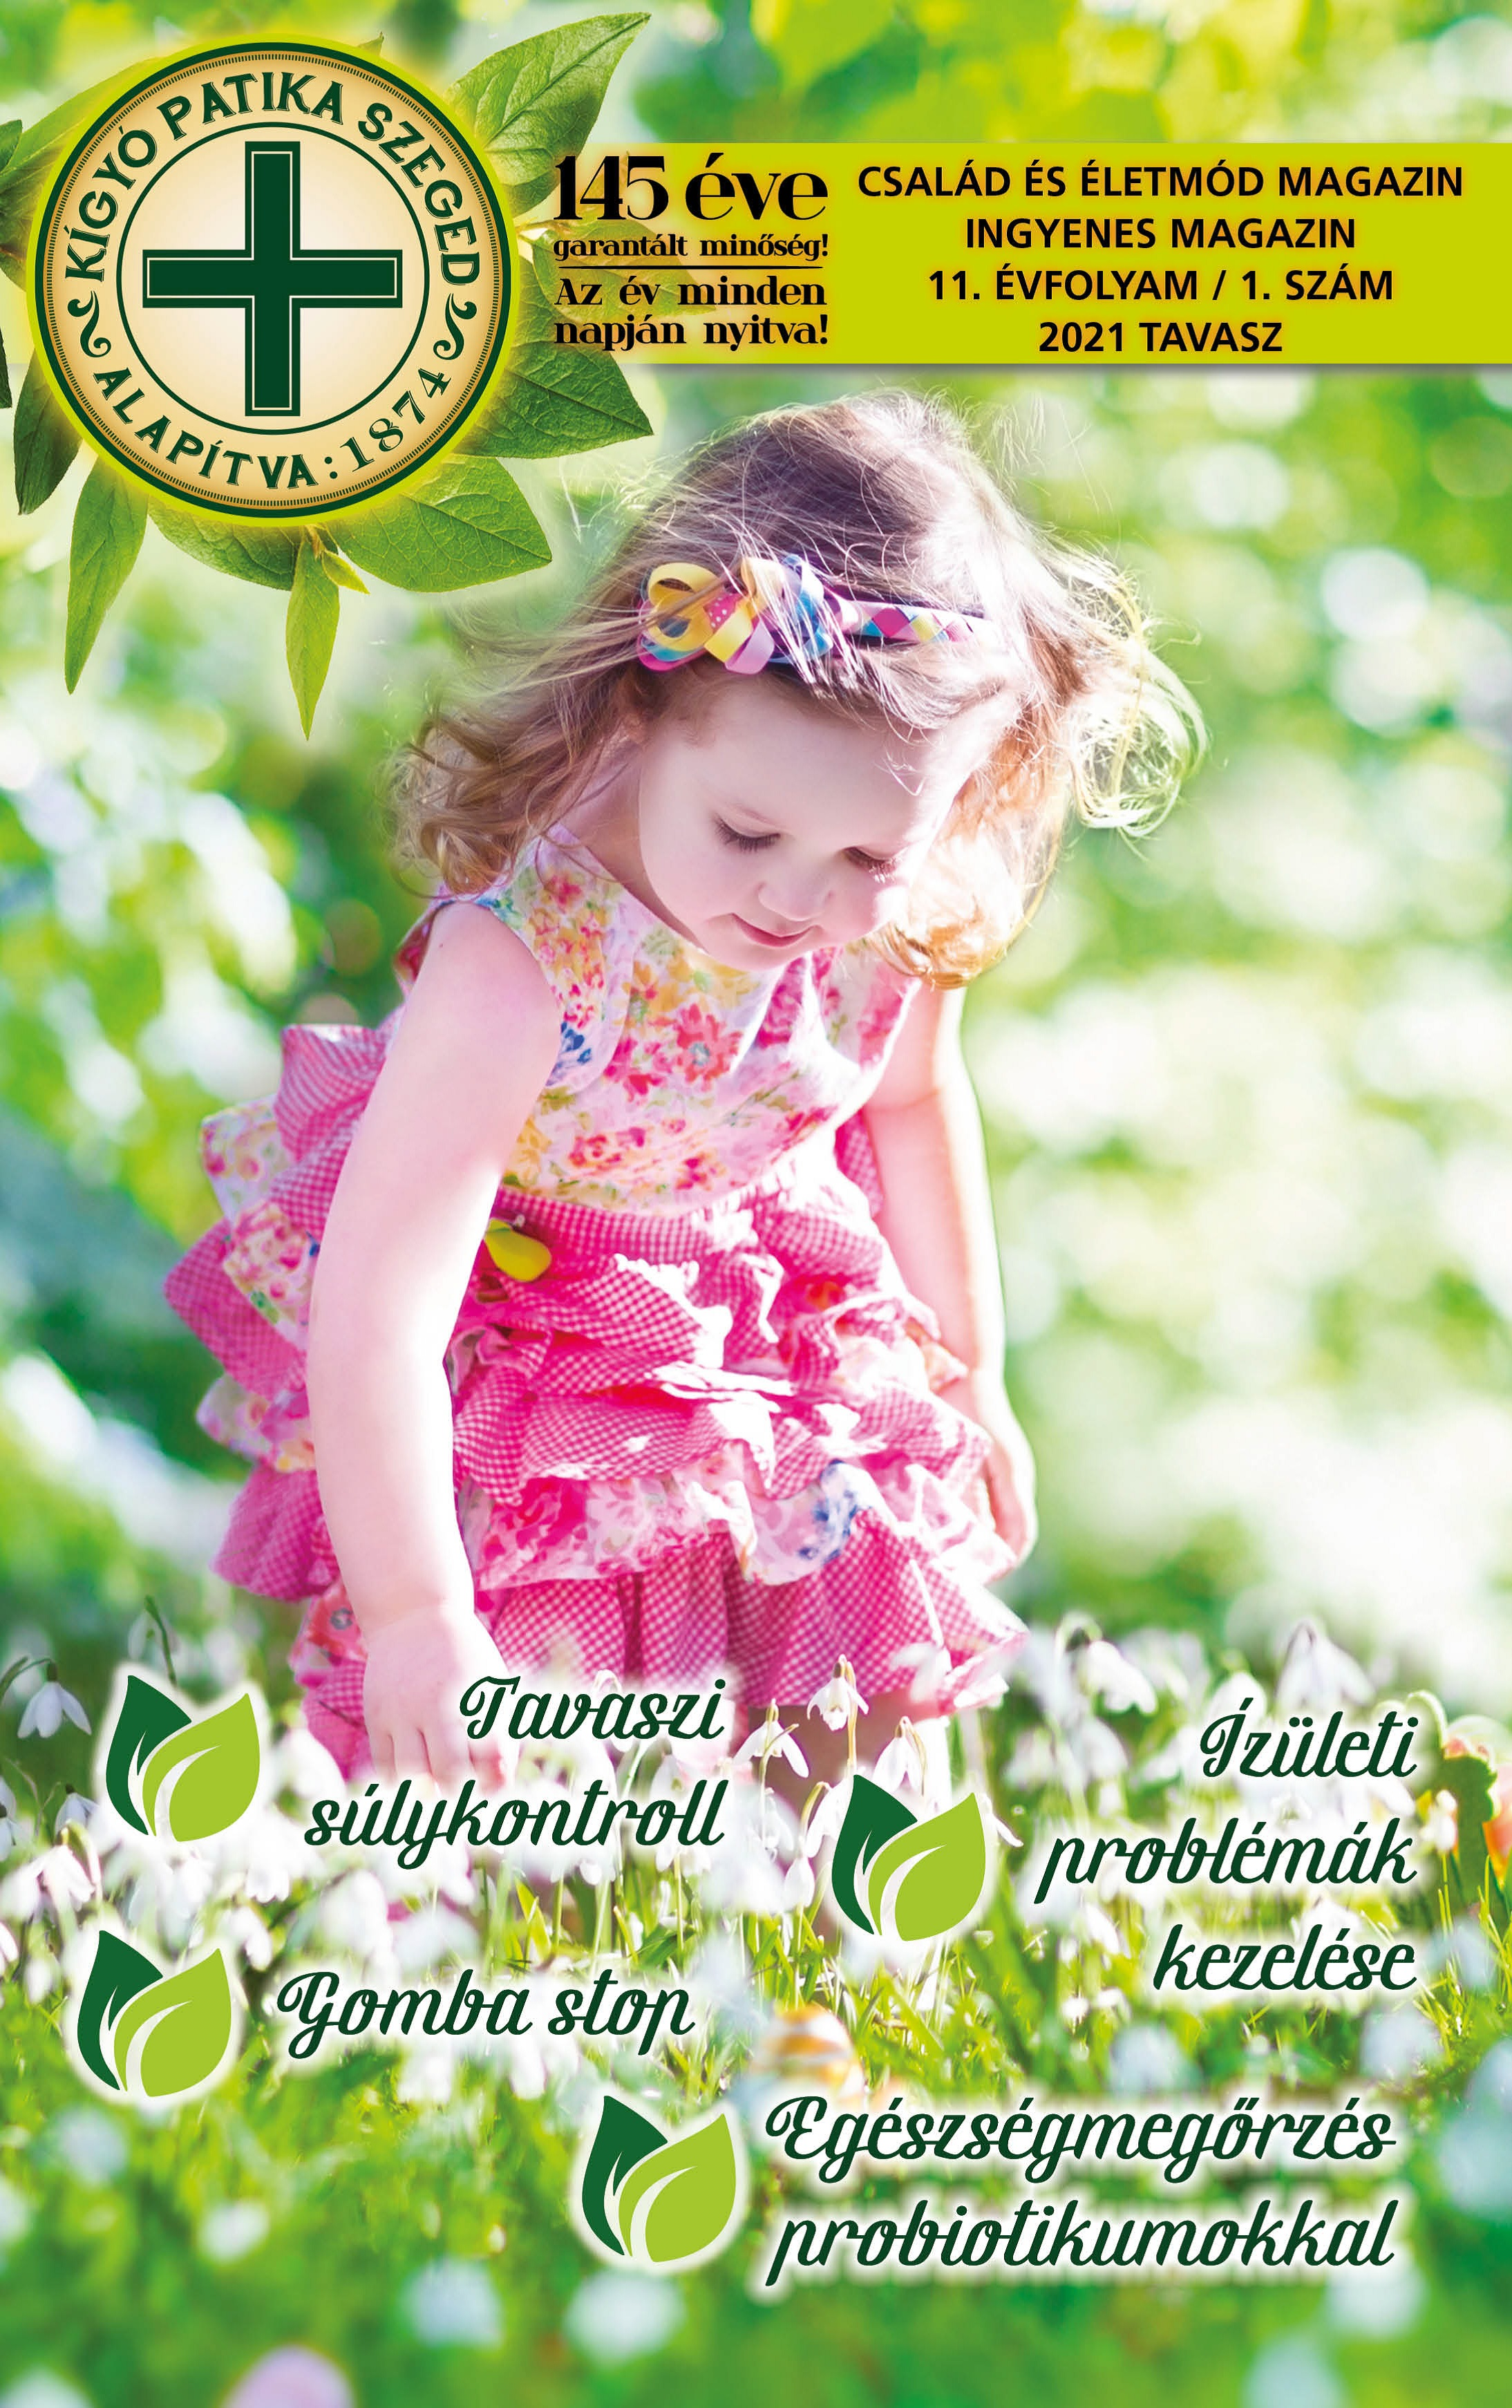 Család és Életmód Magazin - 2021. tavasz